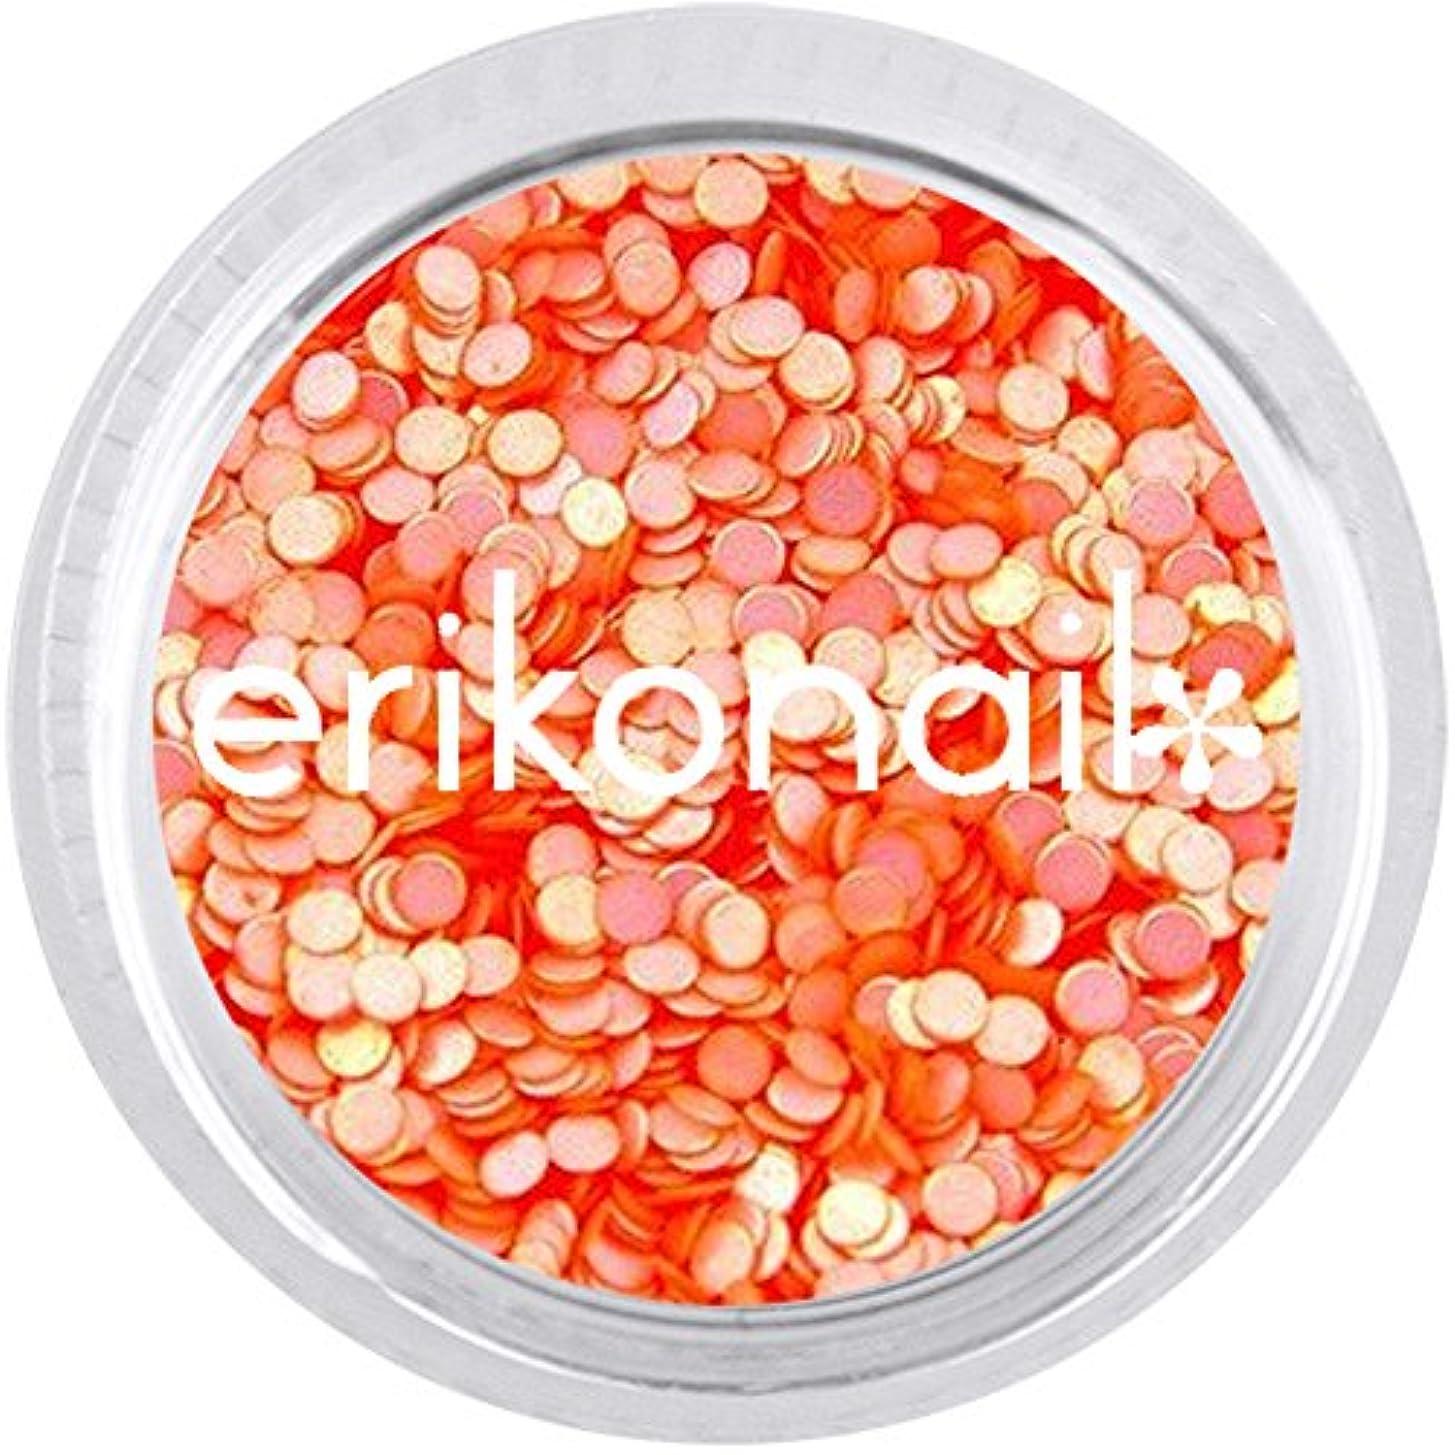 乱用ホイットニー切手ジュエリーコレクション ERI-208 パステルパールオレンジ 1mm 約2g